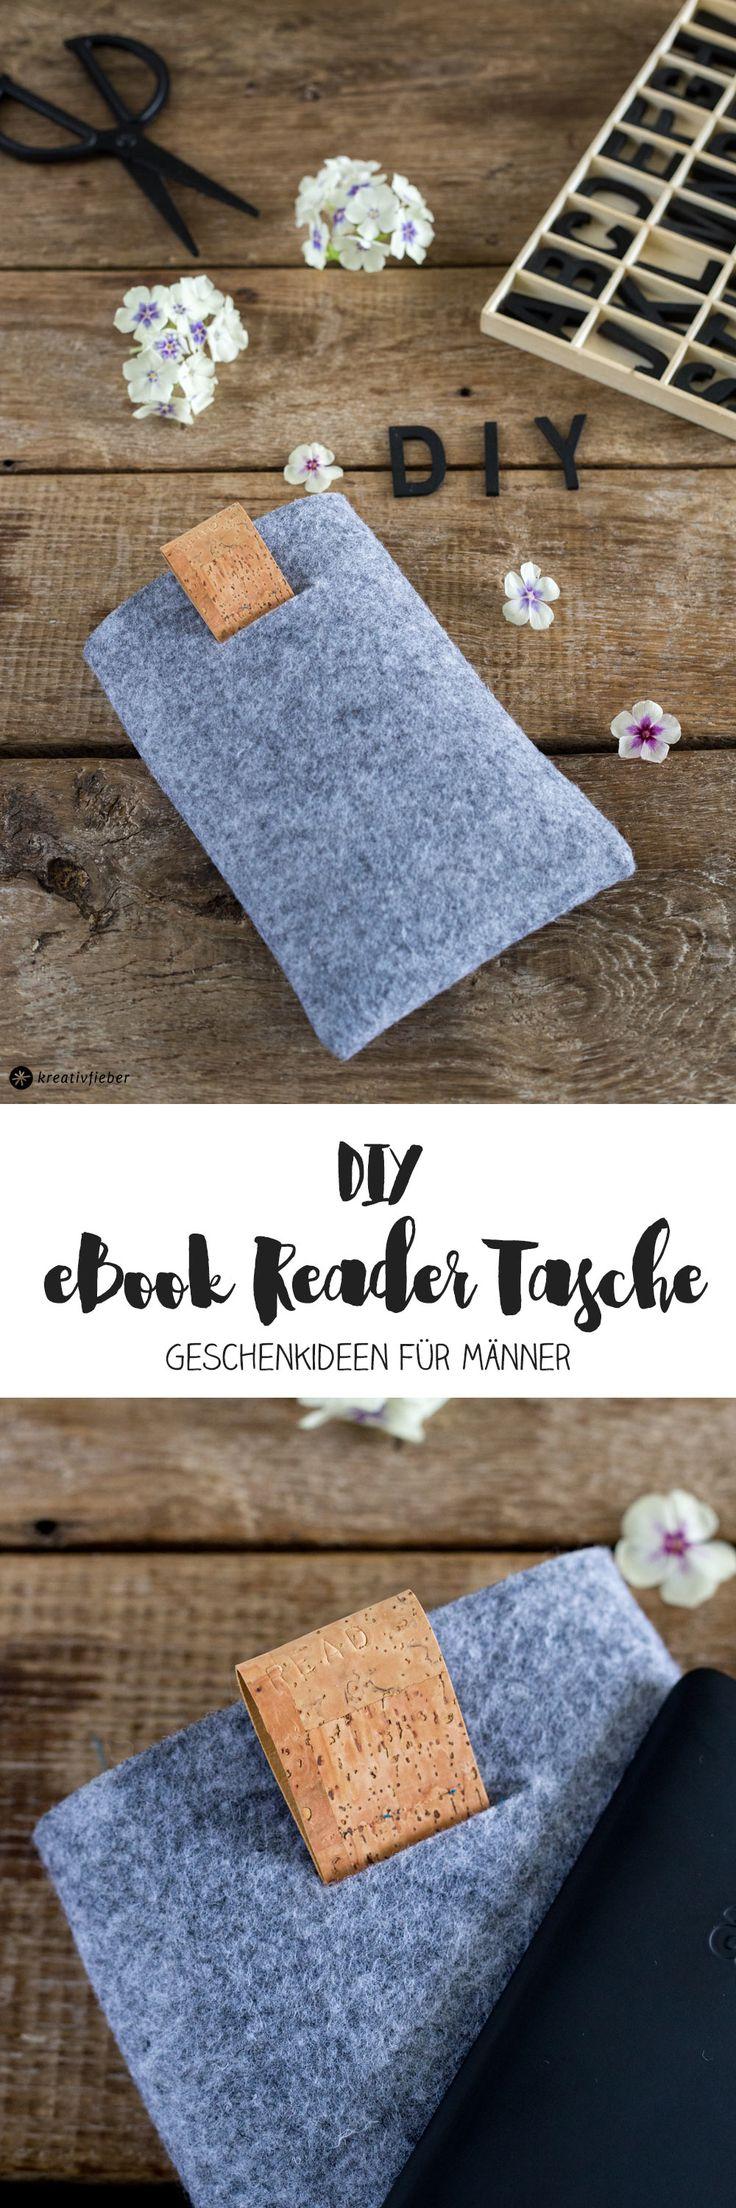 DIY Geschenke für Männer - eBook Reader Tasche aus Filz und Kork nähen - Geschenkideen für Männer. Anleitung inklusive Schritt für Schritt Erklärung und Video.